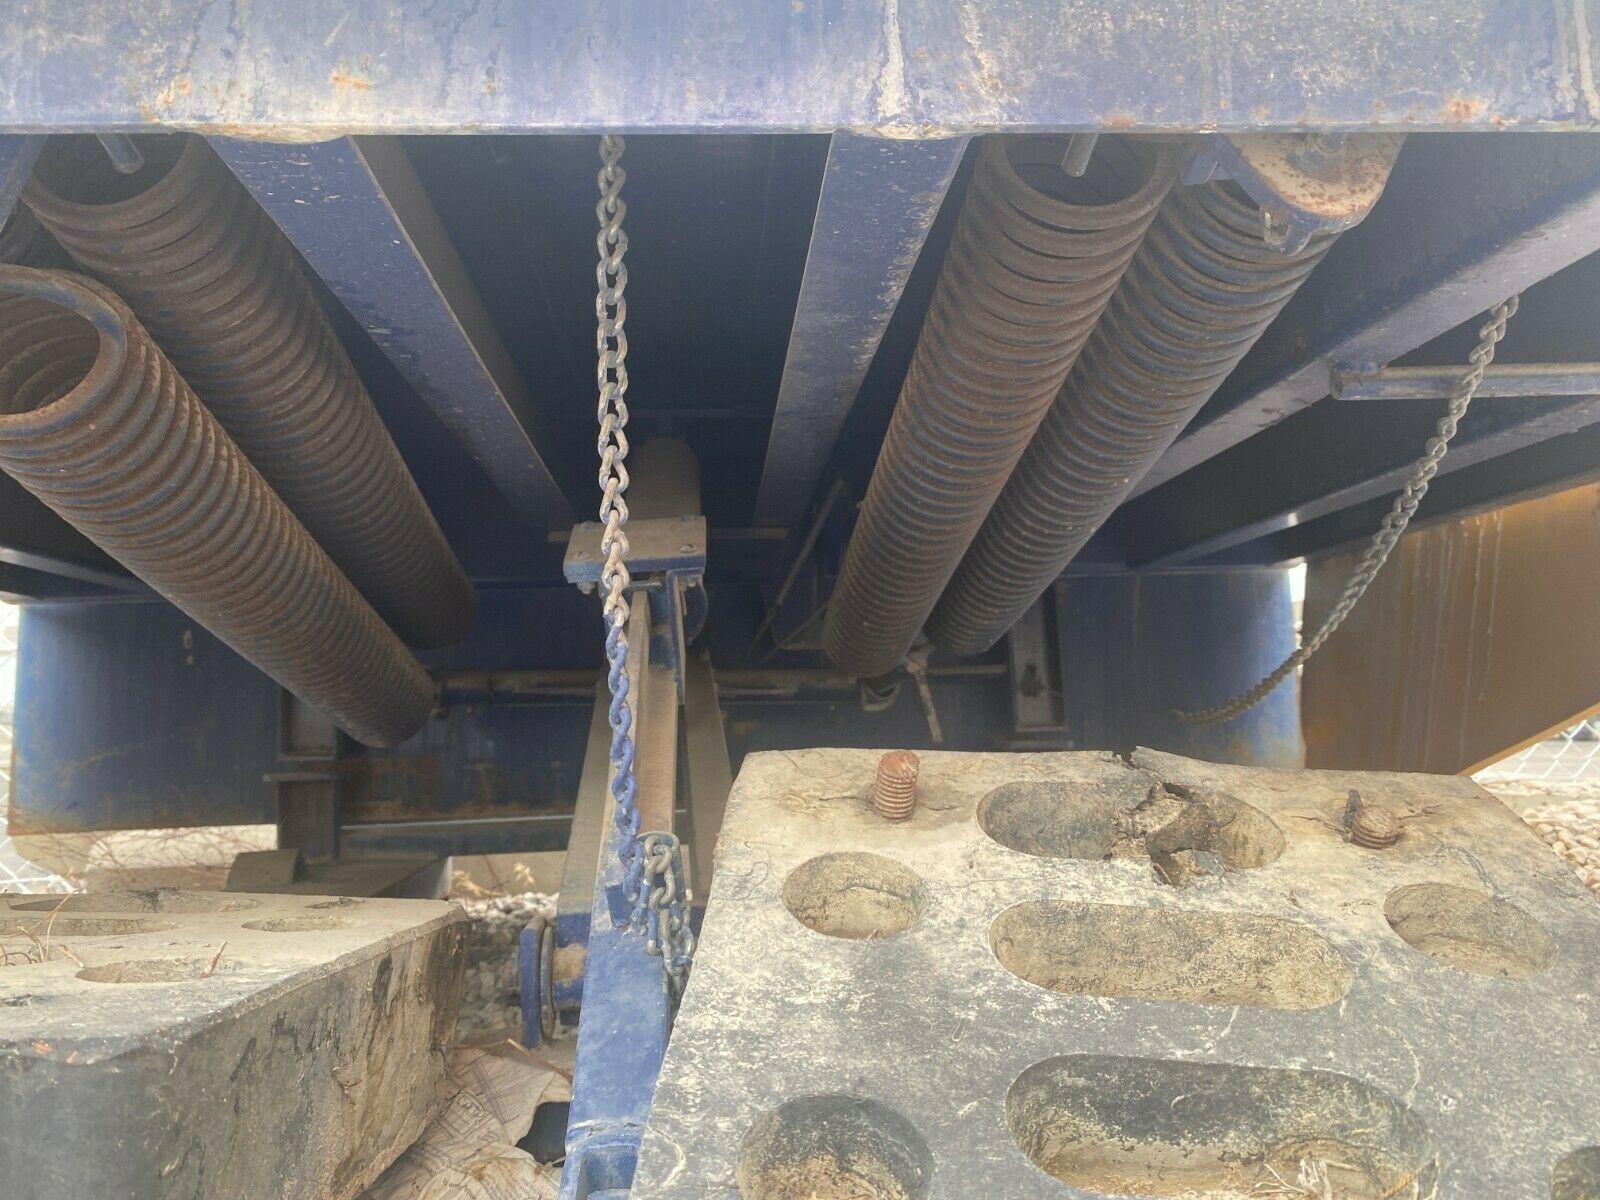 Loading Dock Plate, Leveling Plate Loader